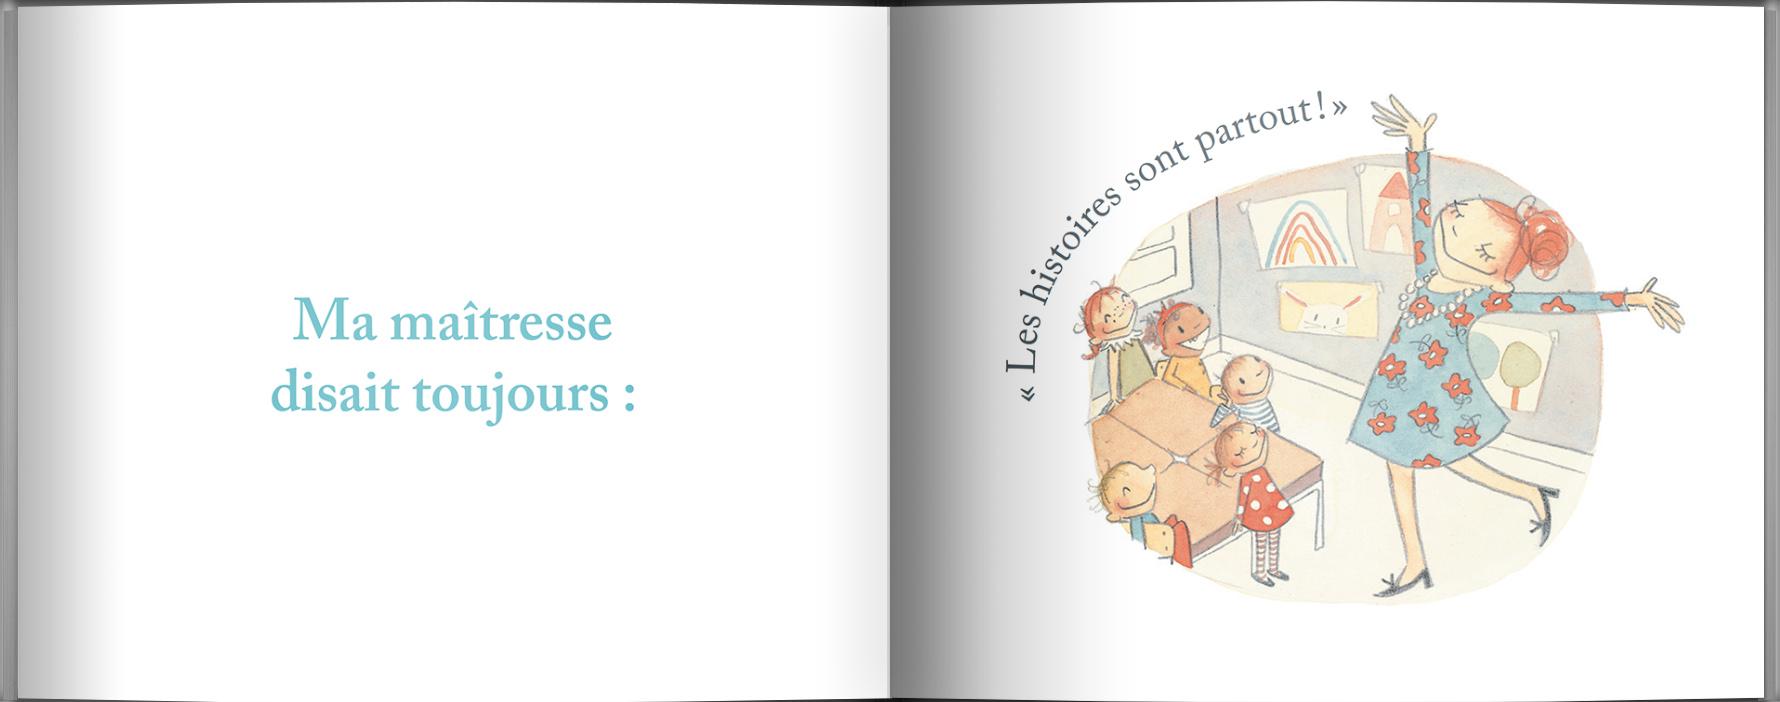 Page intérieure du livre Les histoires de Raffi